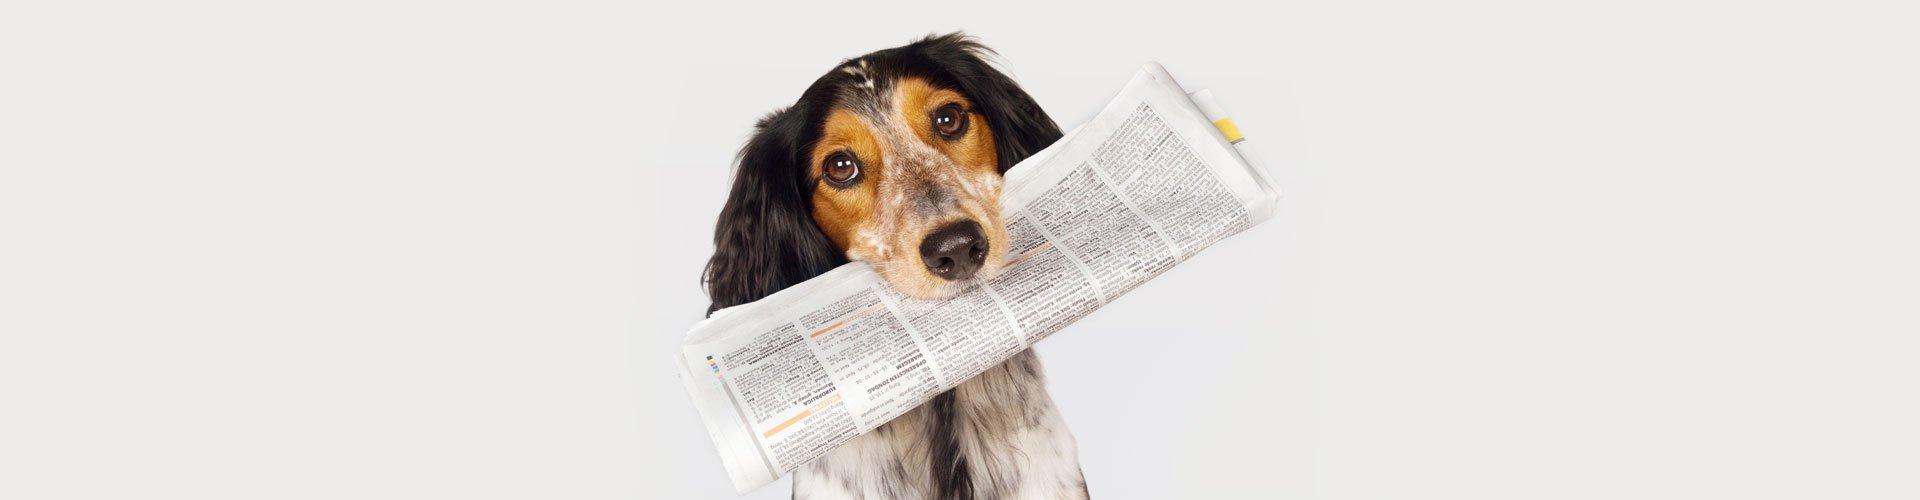 7 συμβουλές για όσους έχουν σκύλο